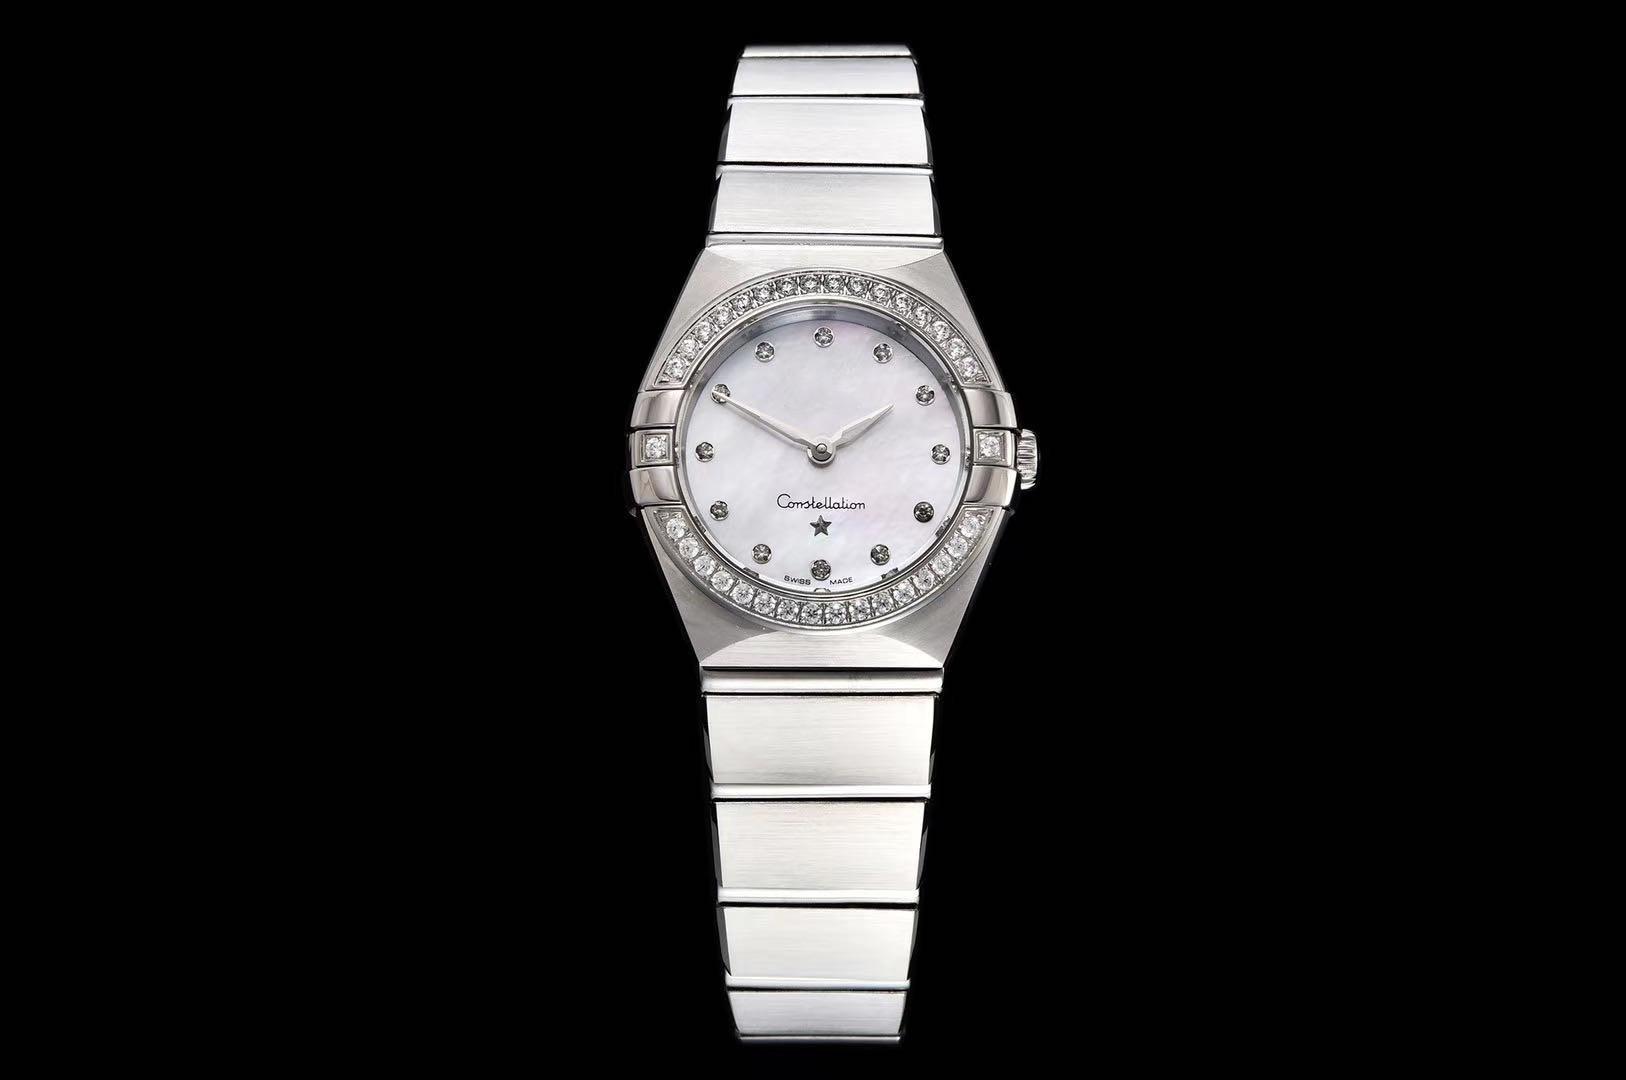 В 2020 годе, яркое небо высокого качества, богиня тот же диаметр размера 25 мм подлинной водонепроницаемый дамы смотреть часы